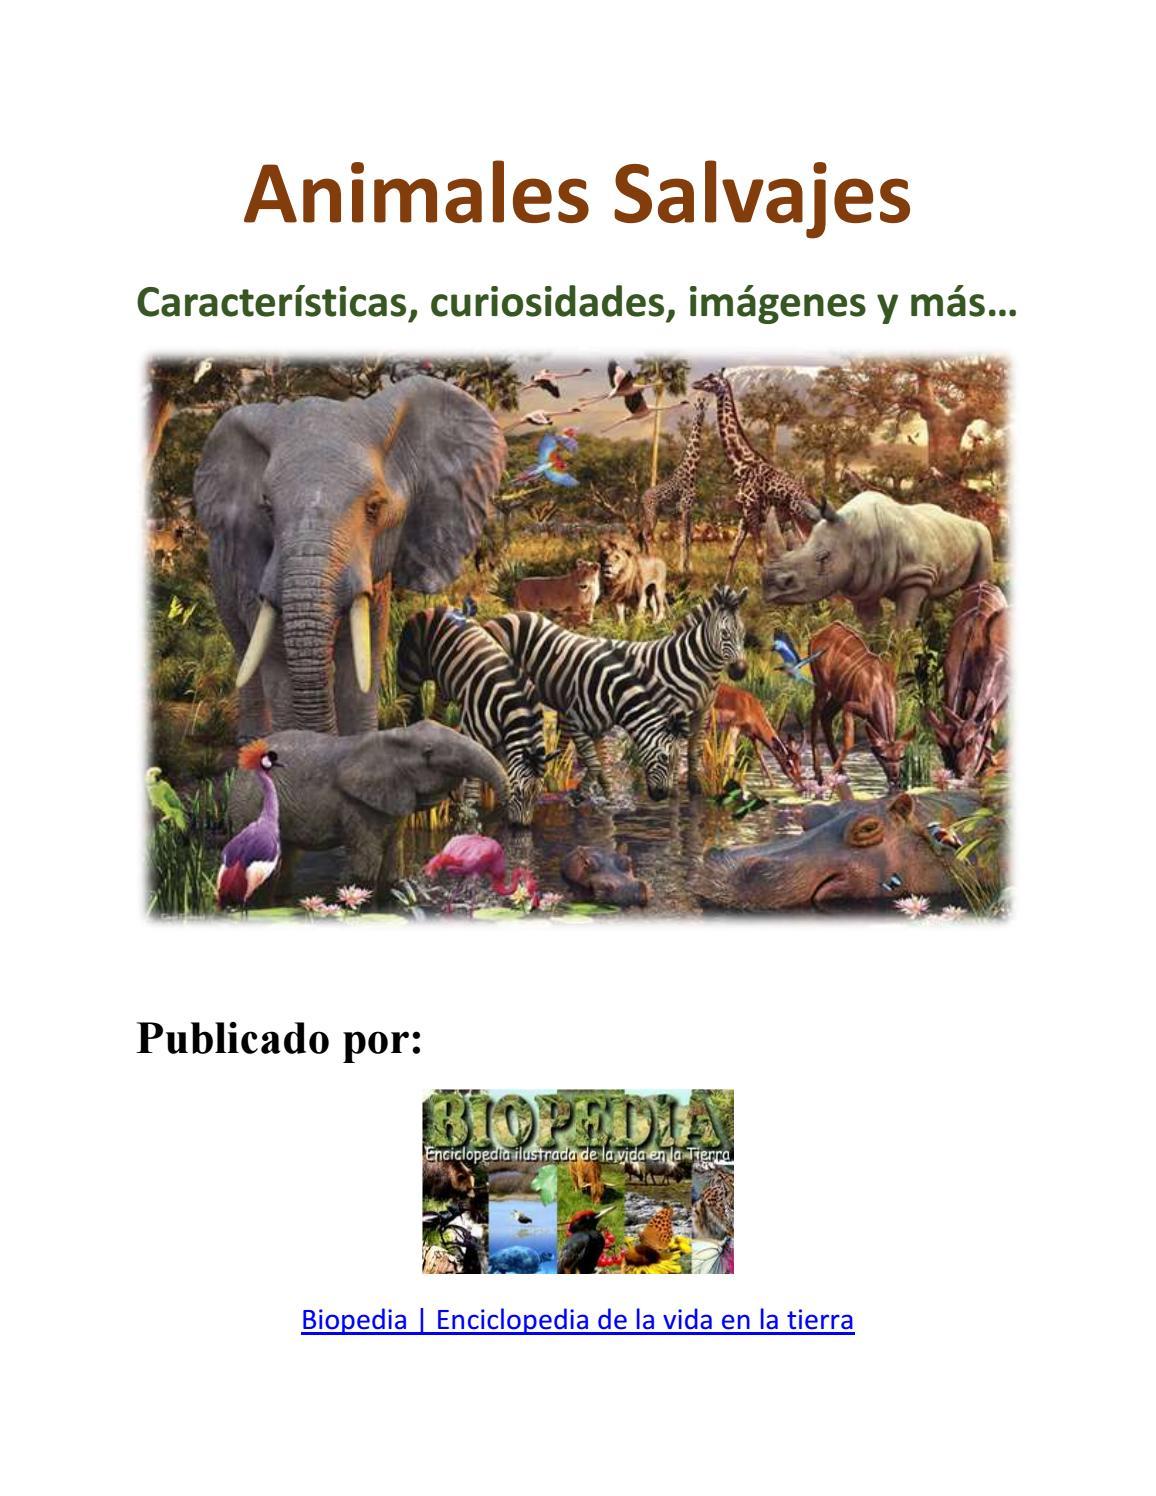 Animales salvajes by nando vieyra - issuu